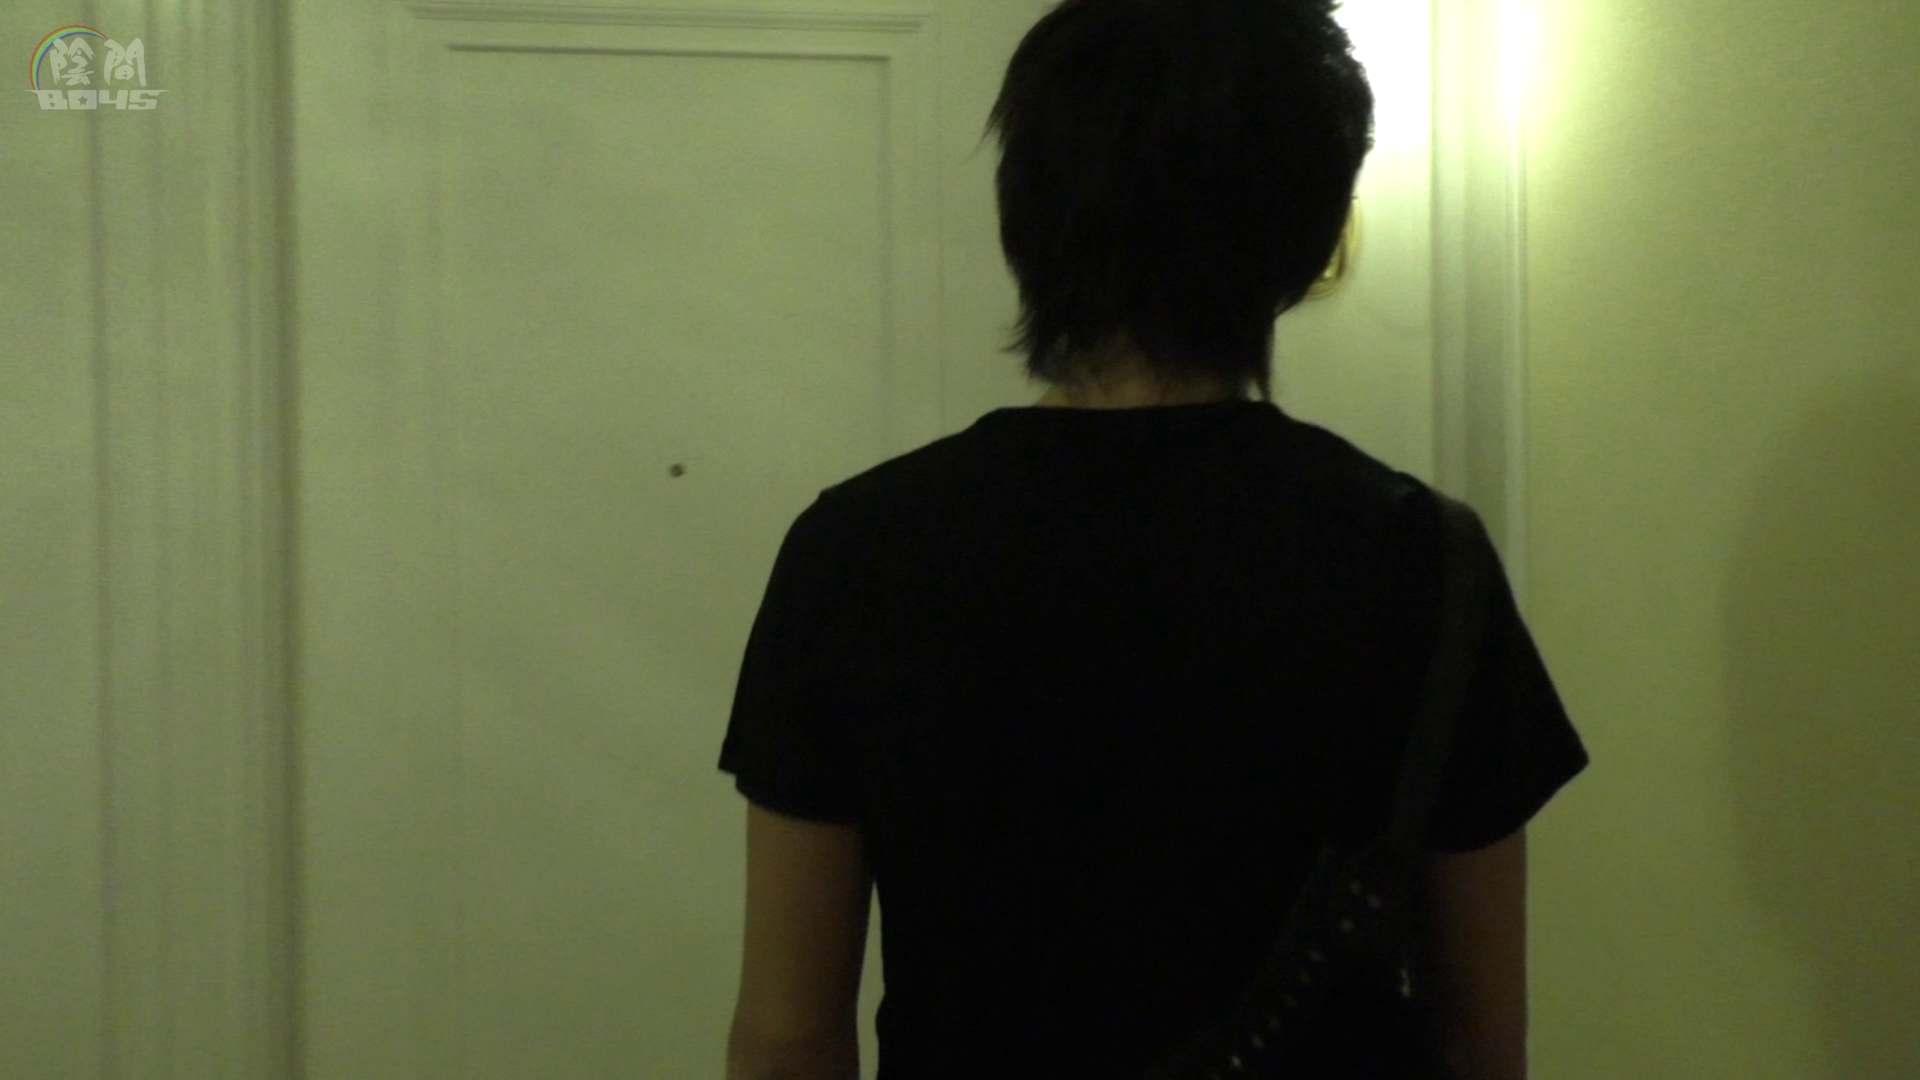 """ADのお仕事part3 part3 No.01""""アナルやばいっす"""" お手で! AV動画 105pic 27"""